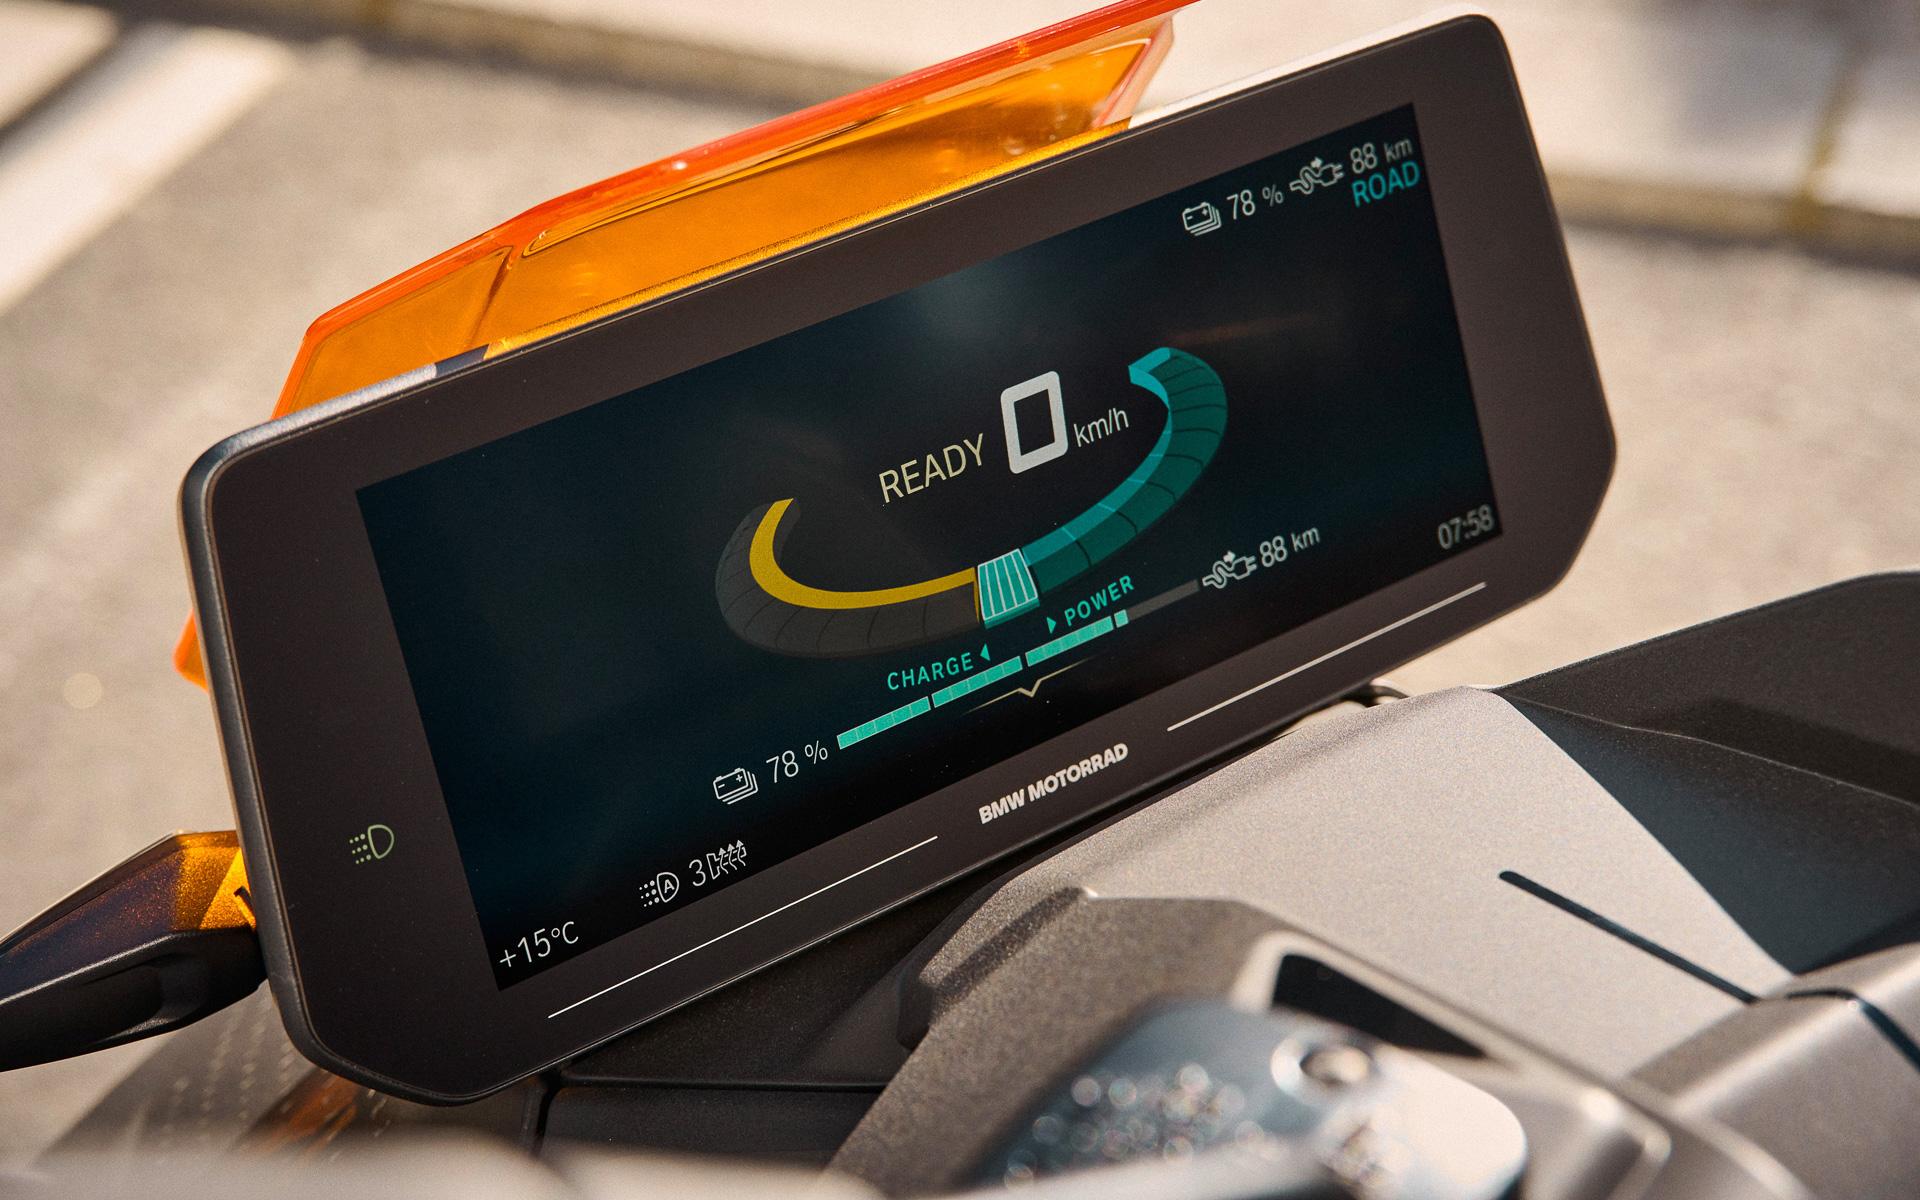 ナビゲーションとコネクティビティを統合した10.25インチTFTカラースクリーンを標準装備し、優れた視認性、分かりやすいメニュー表示やナビゲーション表示を実現した